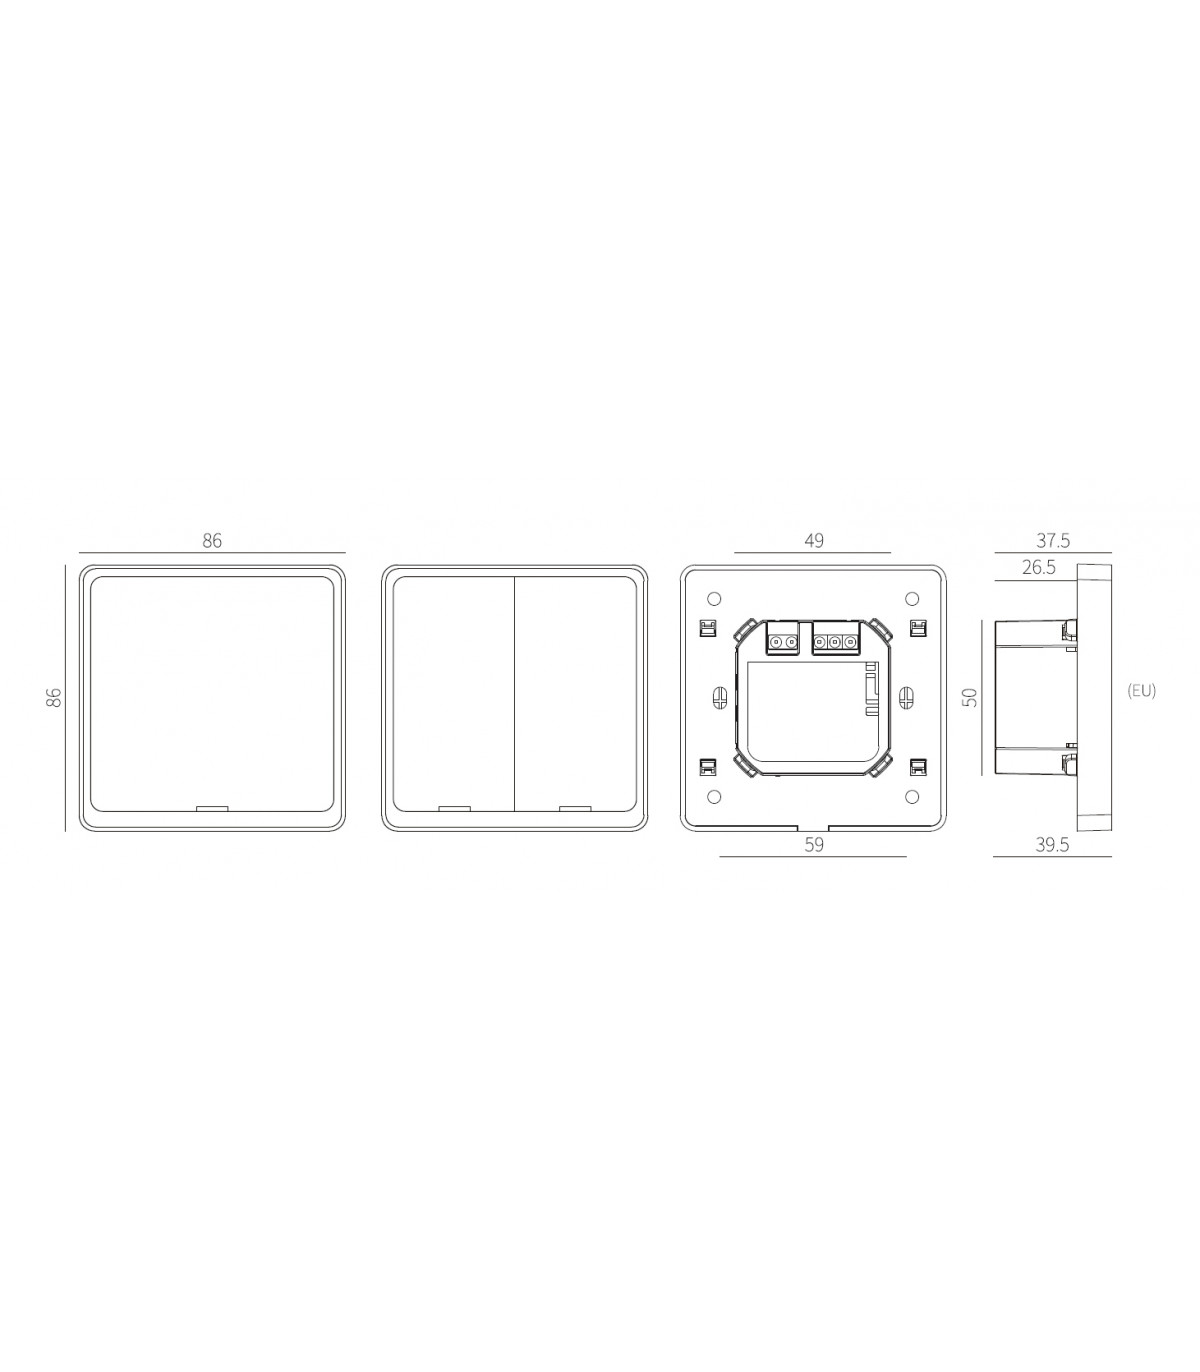 Podwójny włącznik ZigBee TUYA bez N z przekaźnikiem